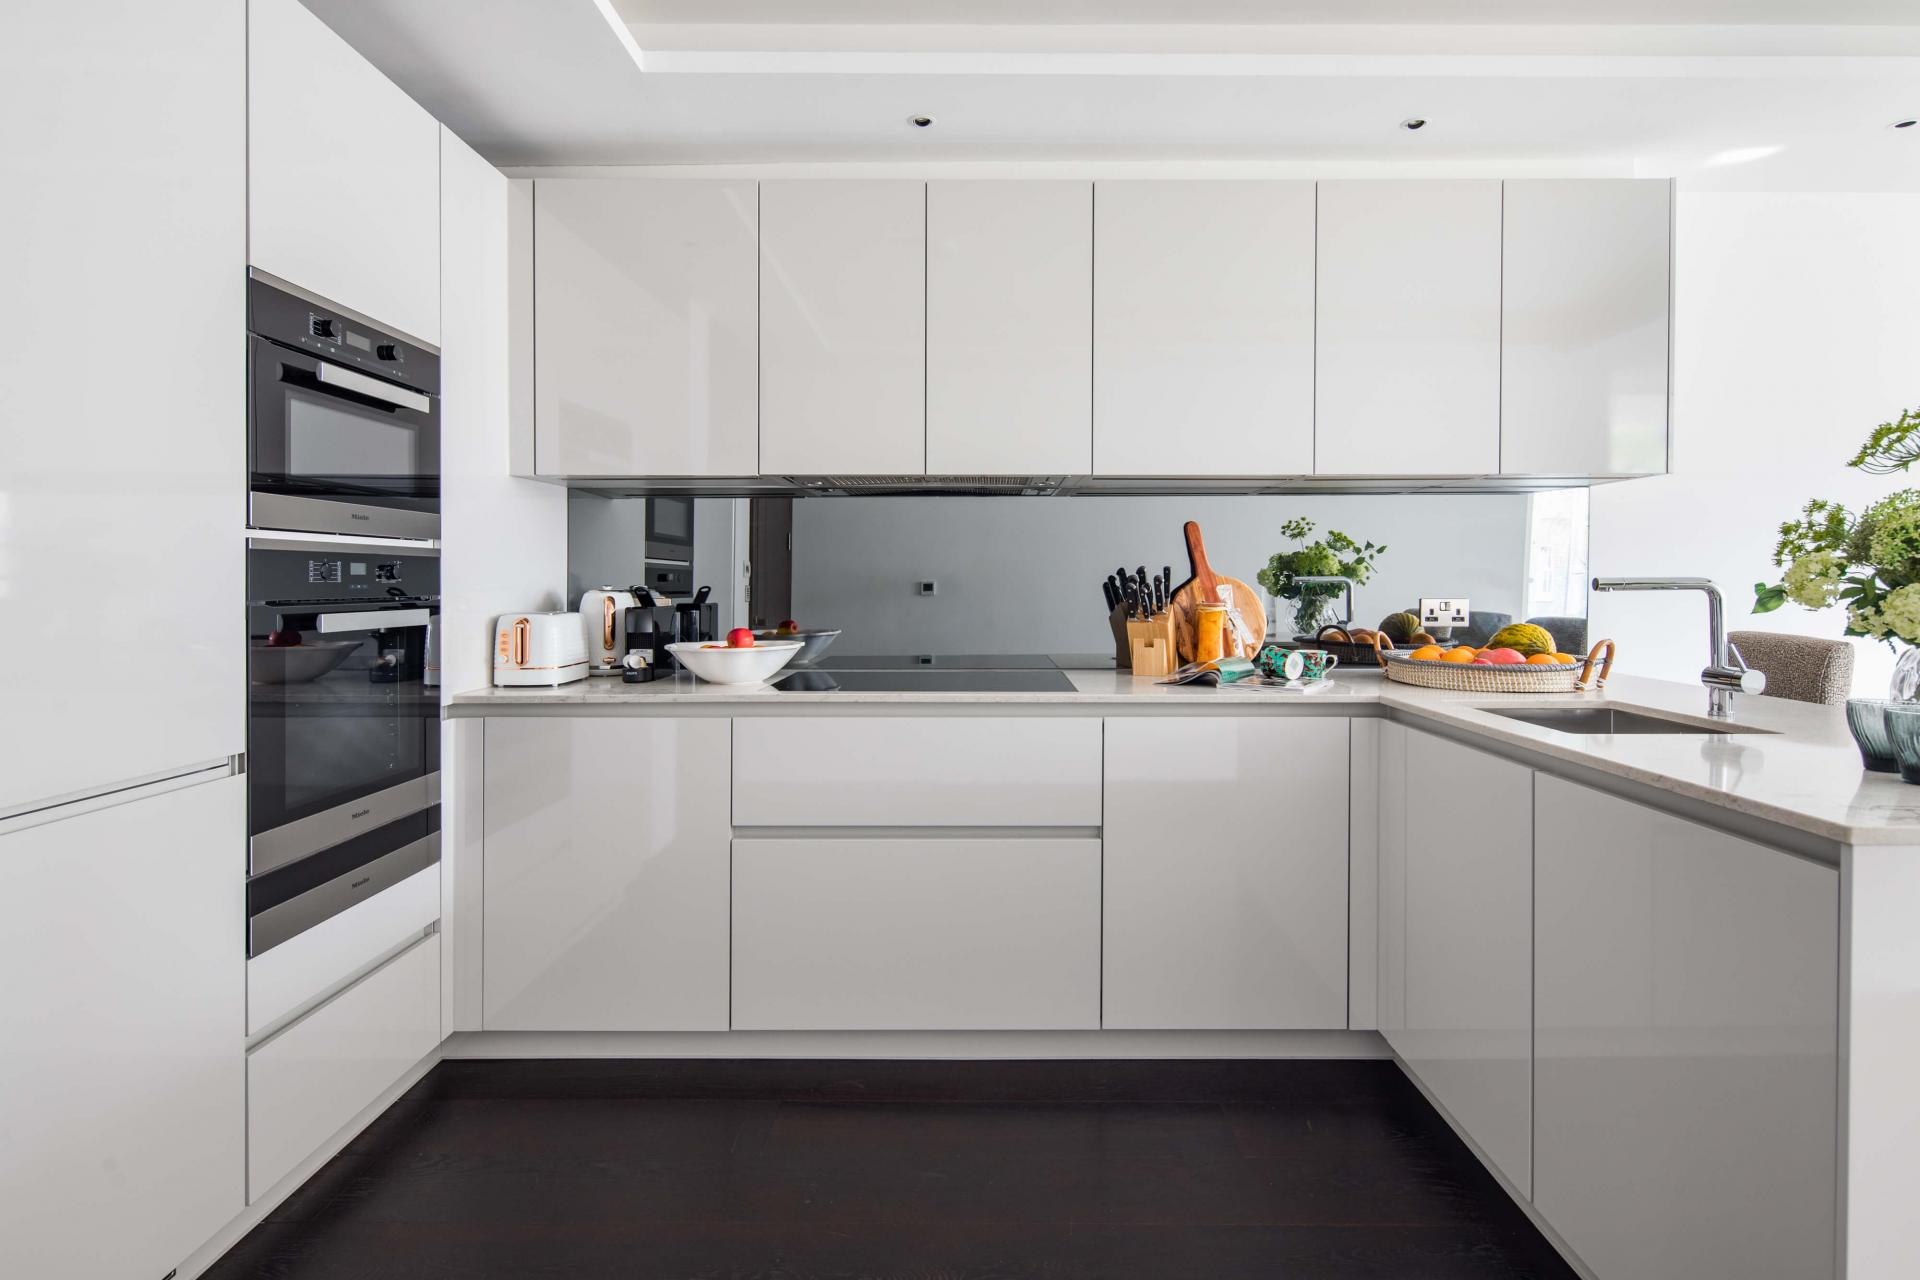 Sleek kitchen at Logan Place Apartments, Kensington, London - Citybase Apartments